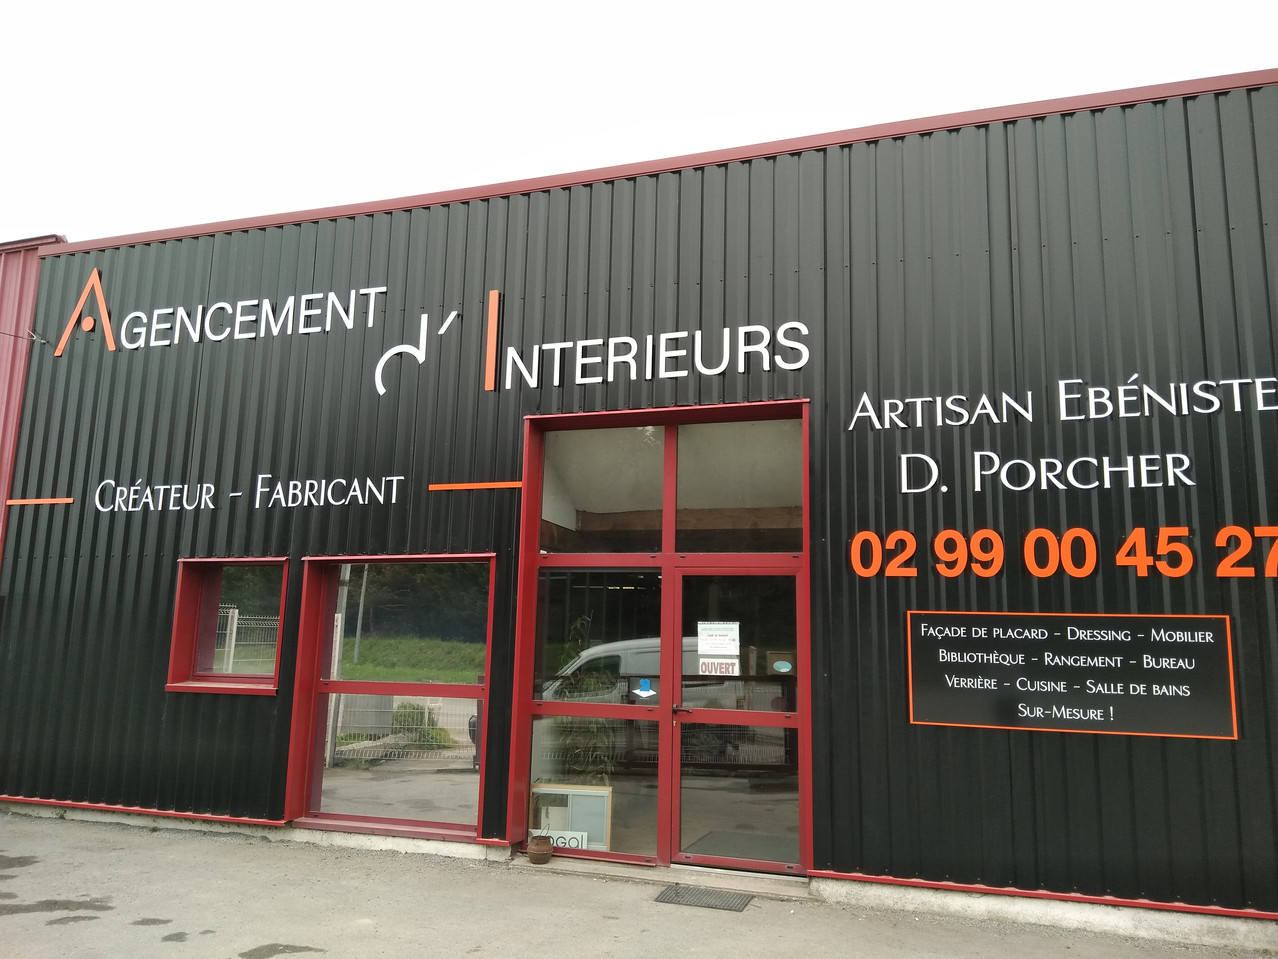 Dominique Porcher, Artisan Ebéniste agenceur, atelier basé à Vern-sur Seiche en Ille et Vilaine, Rennes. Aménagement intérieur, agencement, mobilier sur-mesure